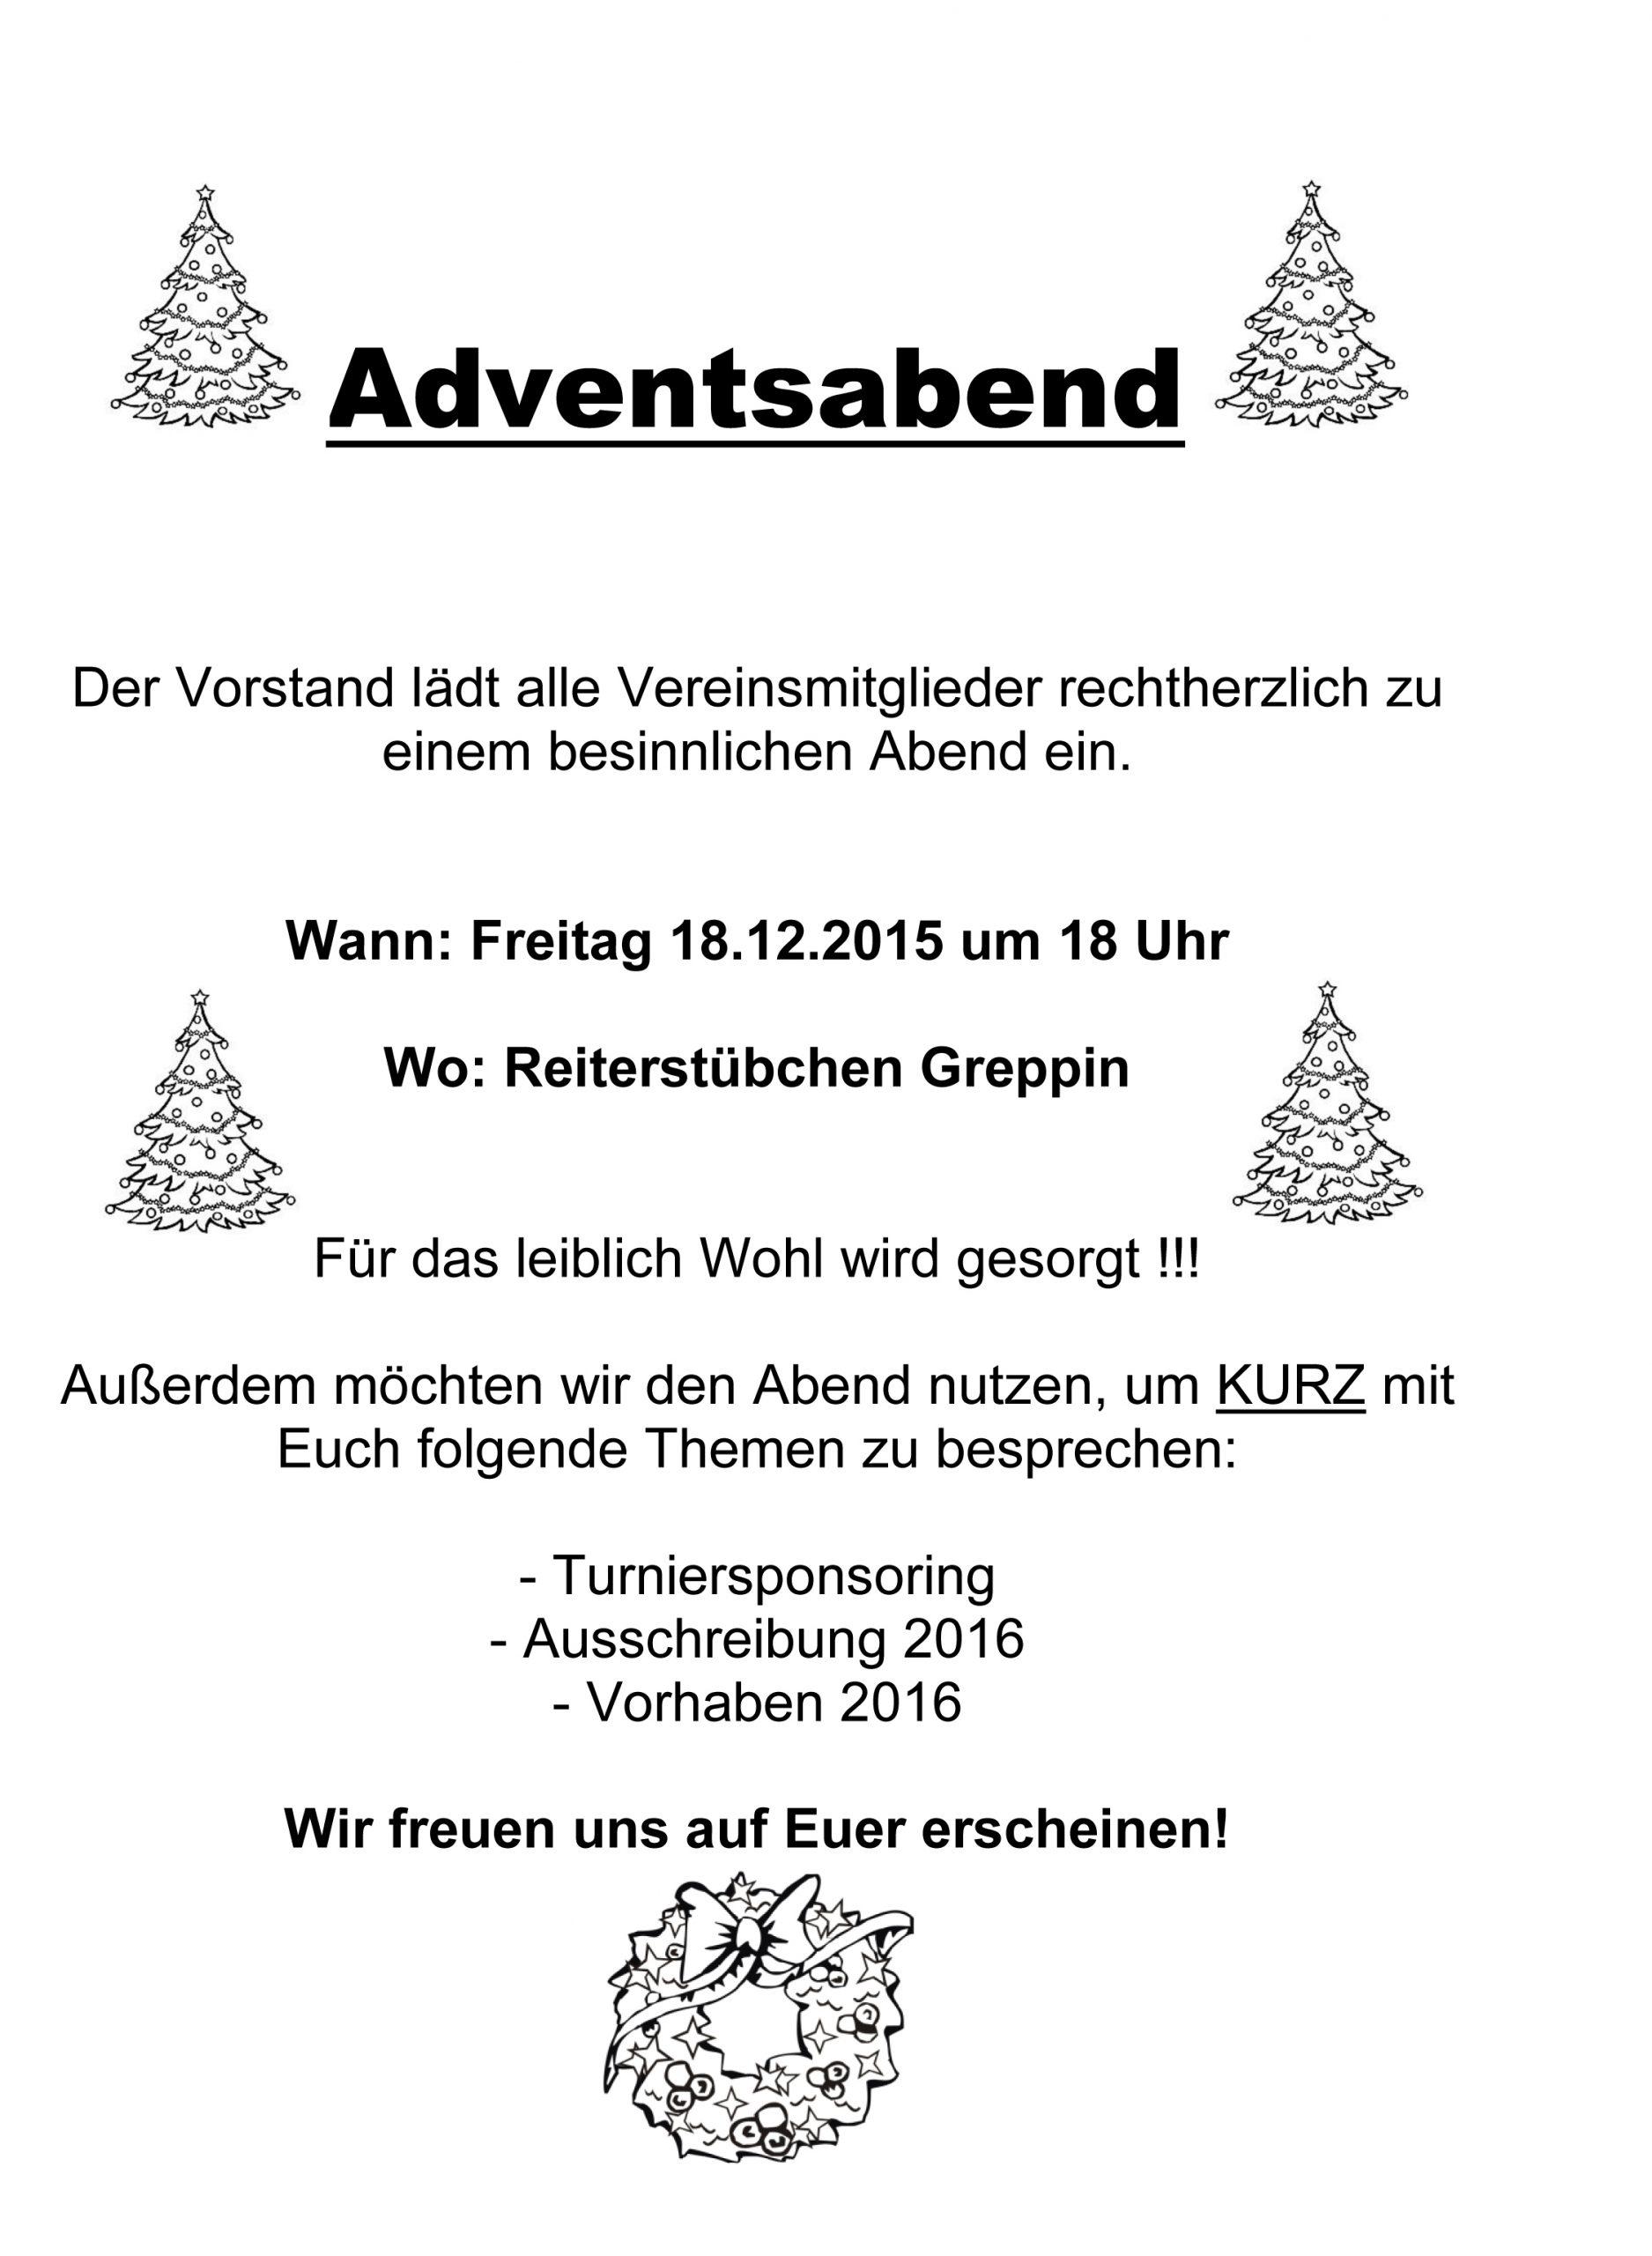 Advent, Advent, Ein Lichtlein Brennt – Rv Greppin 1990 E.v. bestimmt für Advent Advent Ein Türke Brennt